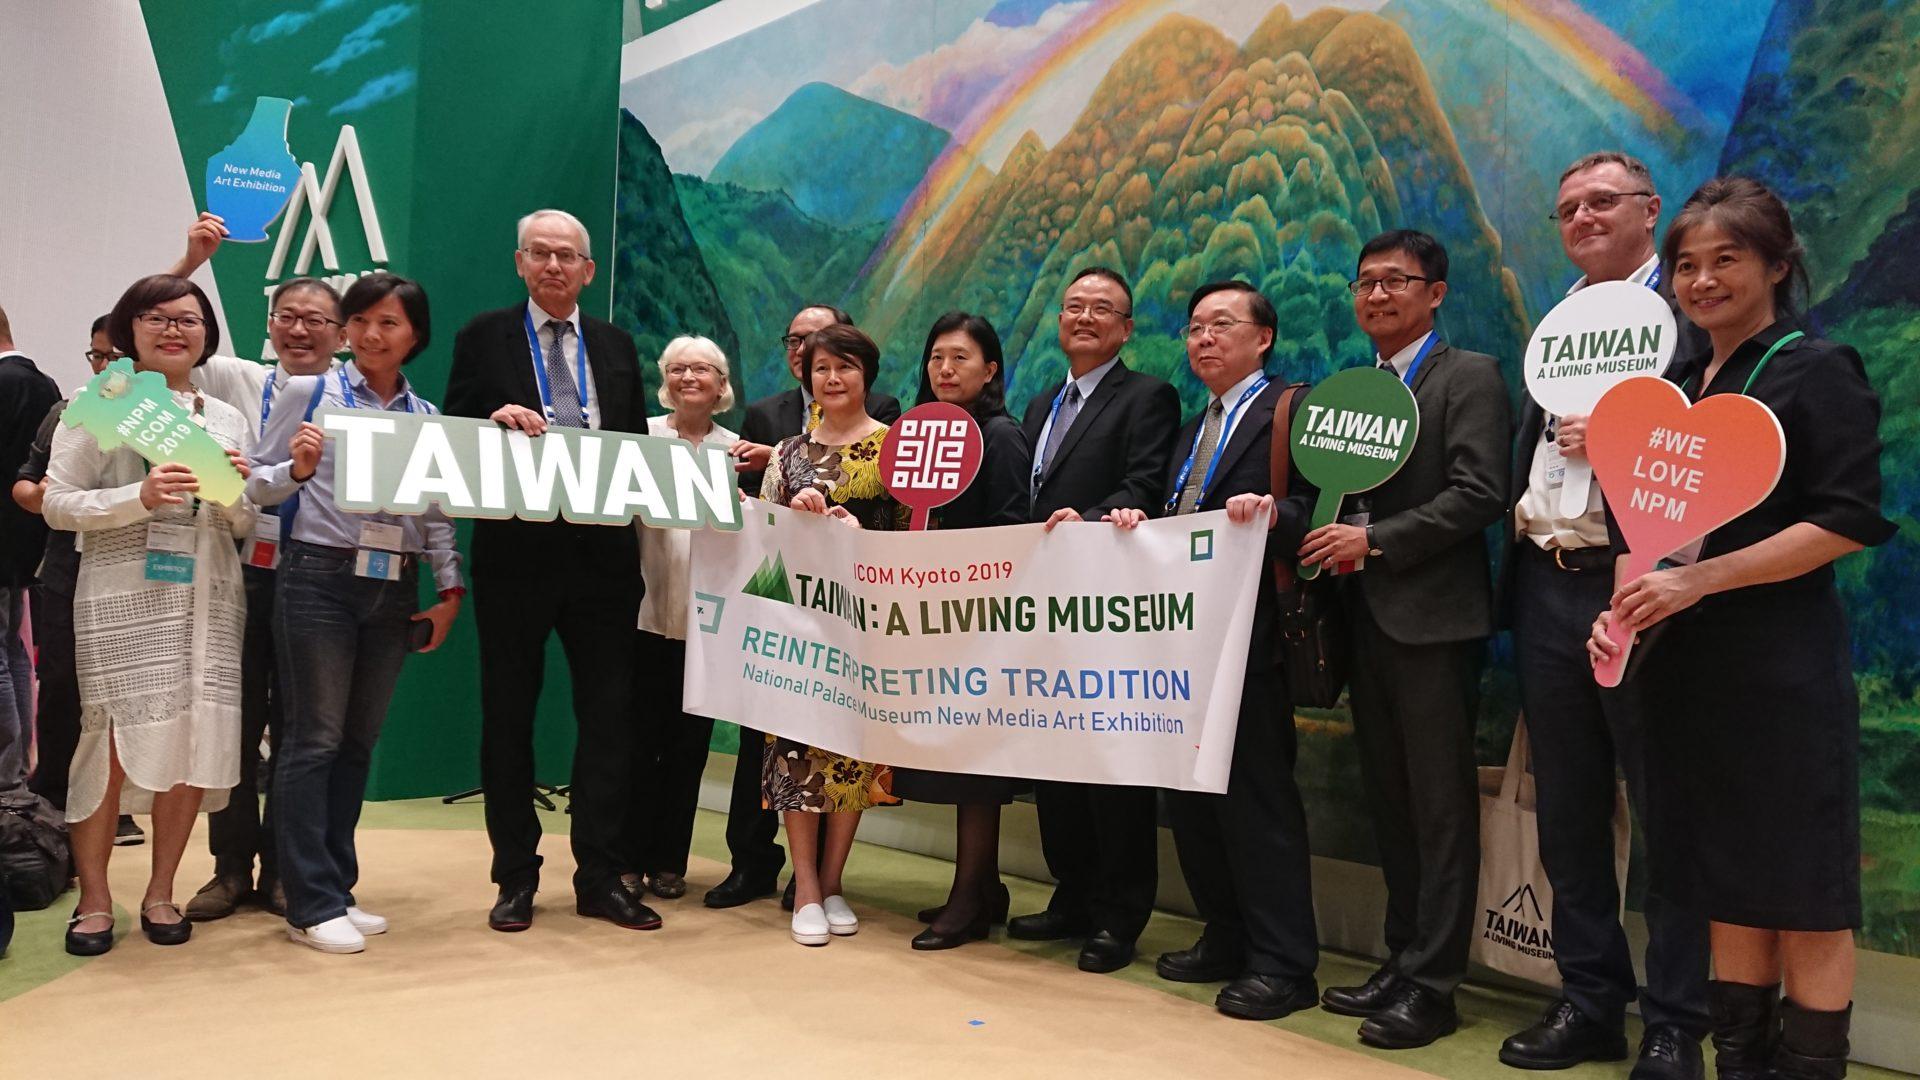 台灣館開幕儀式,理事長蕭宗煌(右5)及國際貴賓一起合影。背景為藝術家林惺嶽的畫作。(田偲妤攝影)